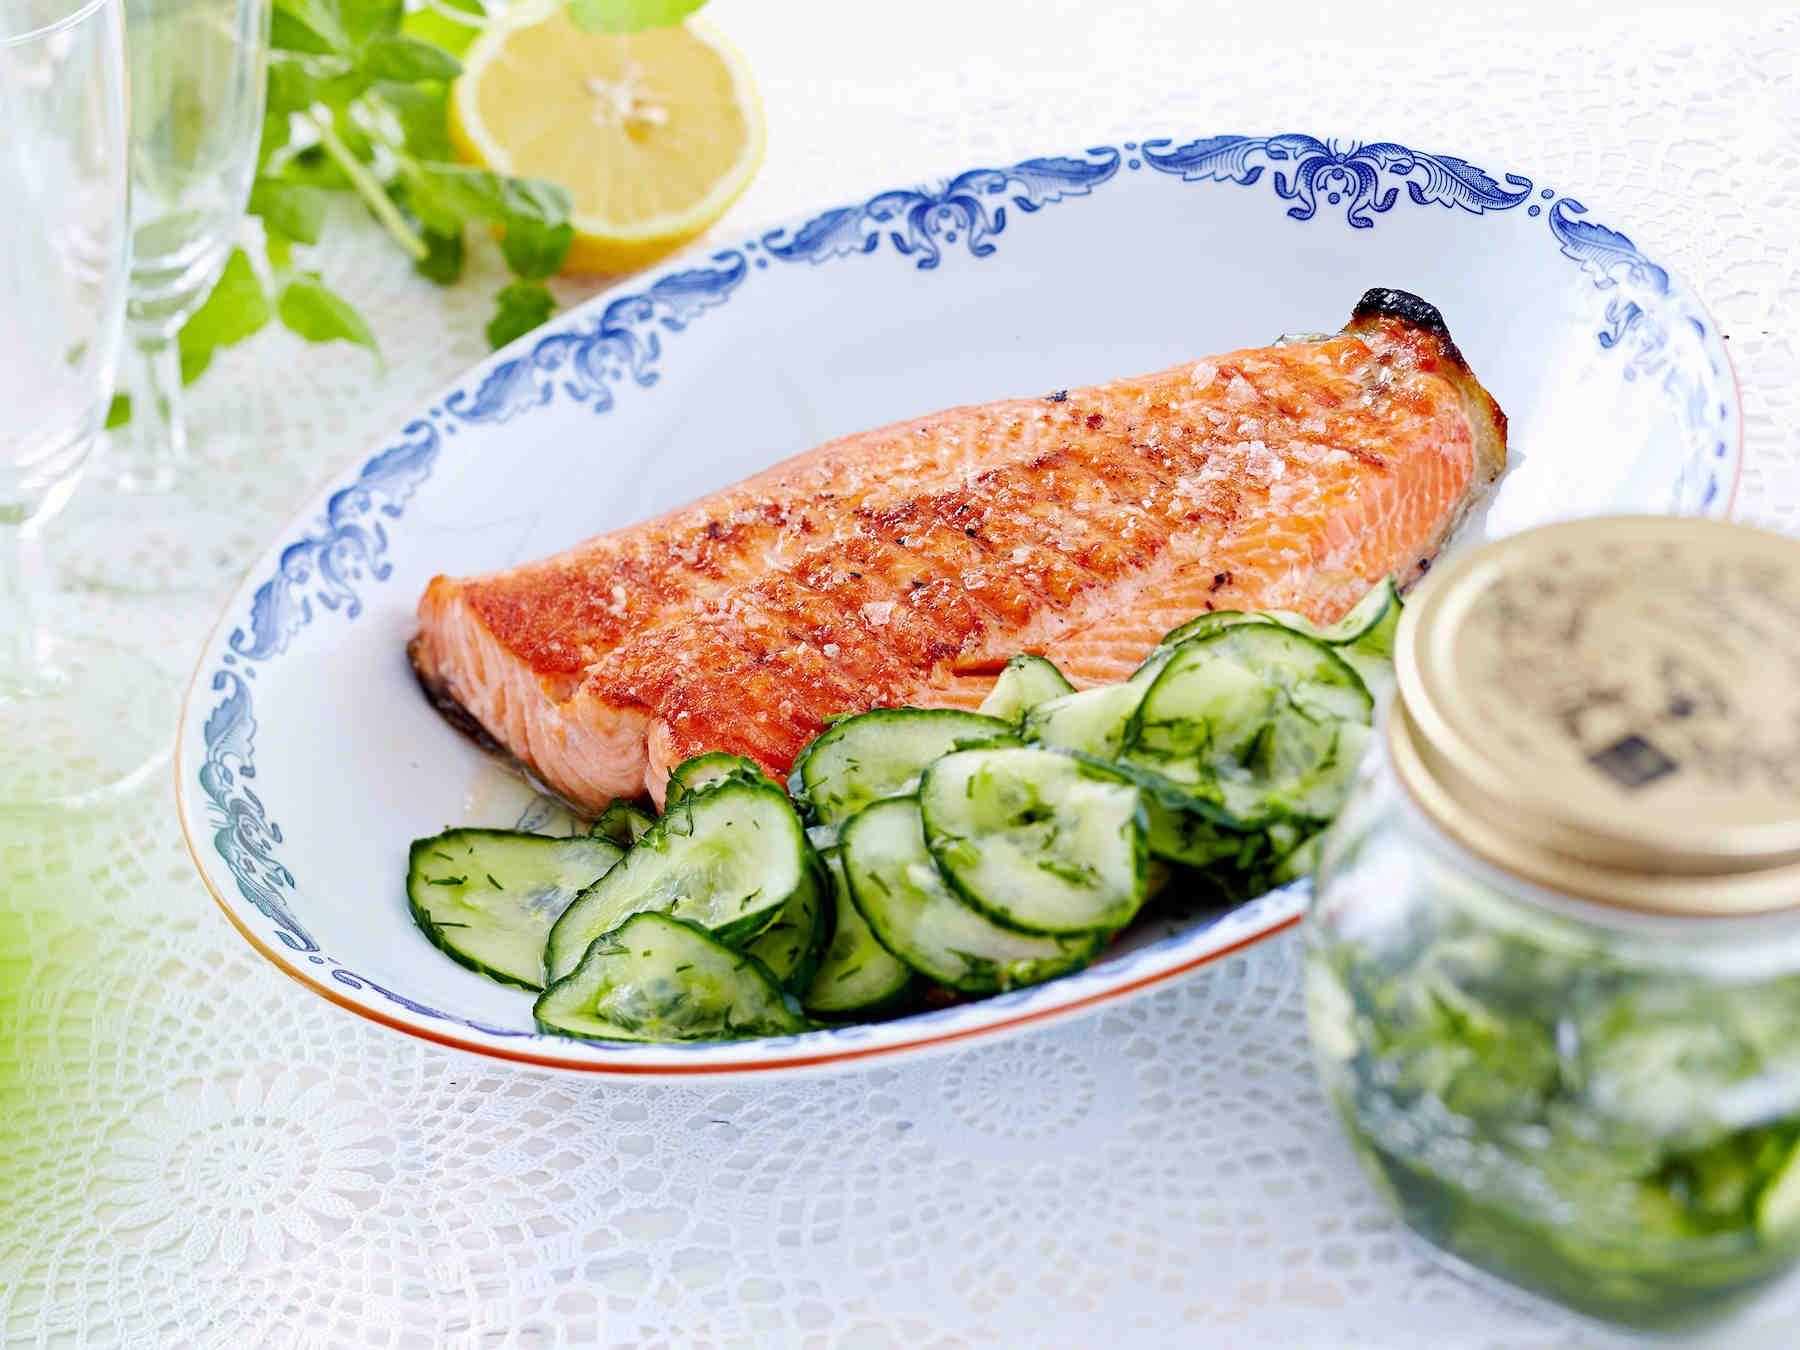 Säilö purkkiin tavallista tai avomaankurkkua. Nämä mummon kurkut maistuvat salaattien kanssa ja grilliruoan lisäkkeenä. Katso myös video hölskytyskurkkujen...